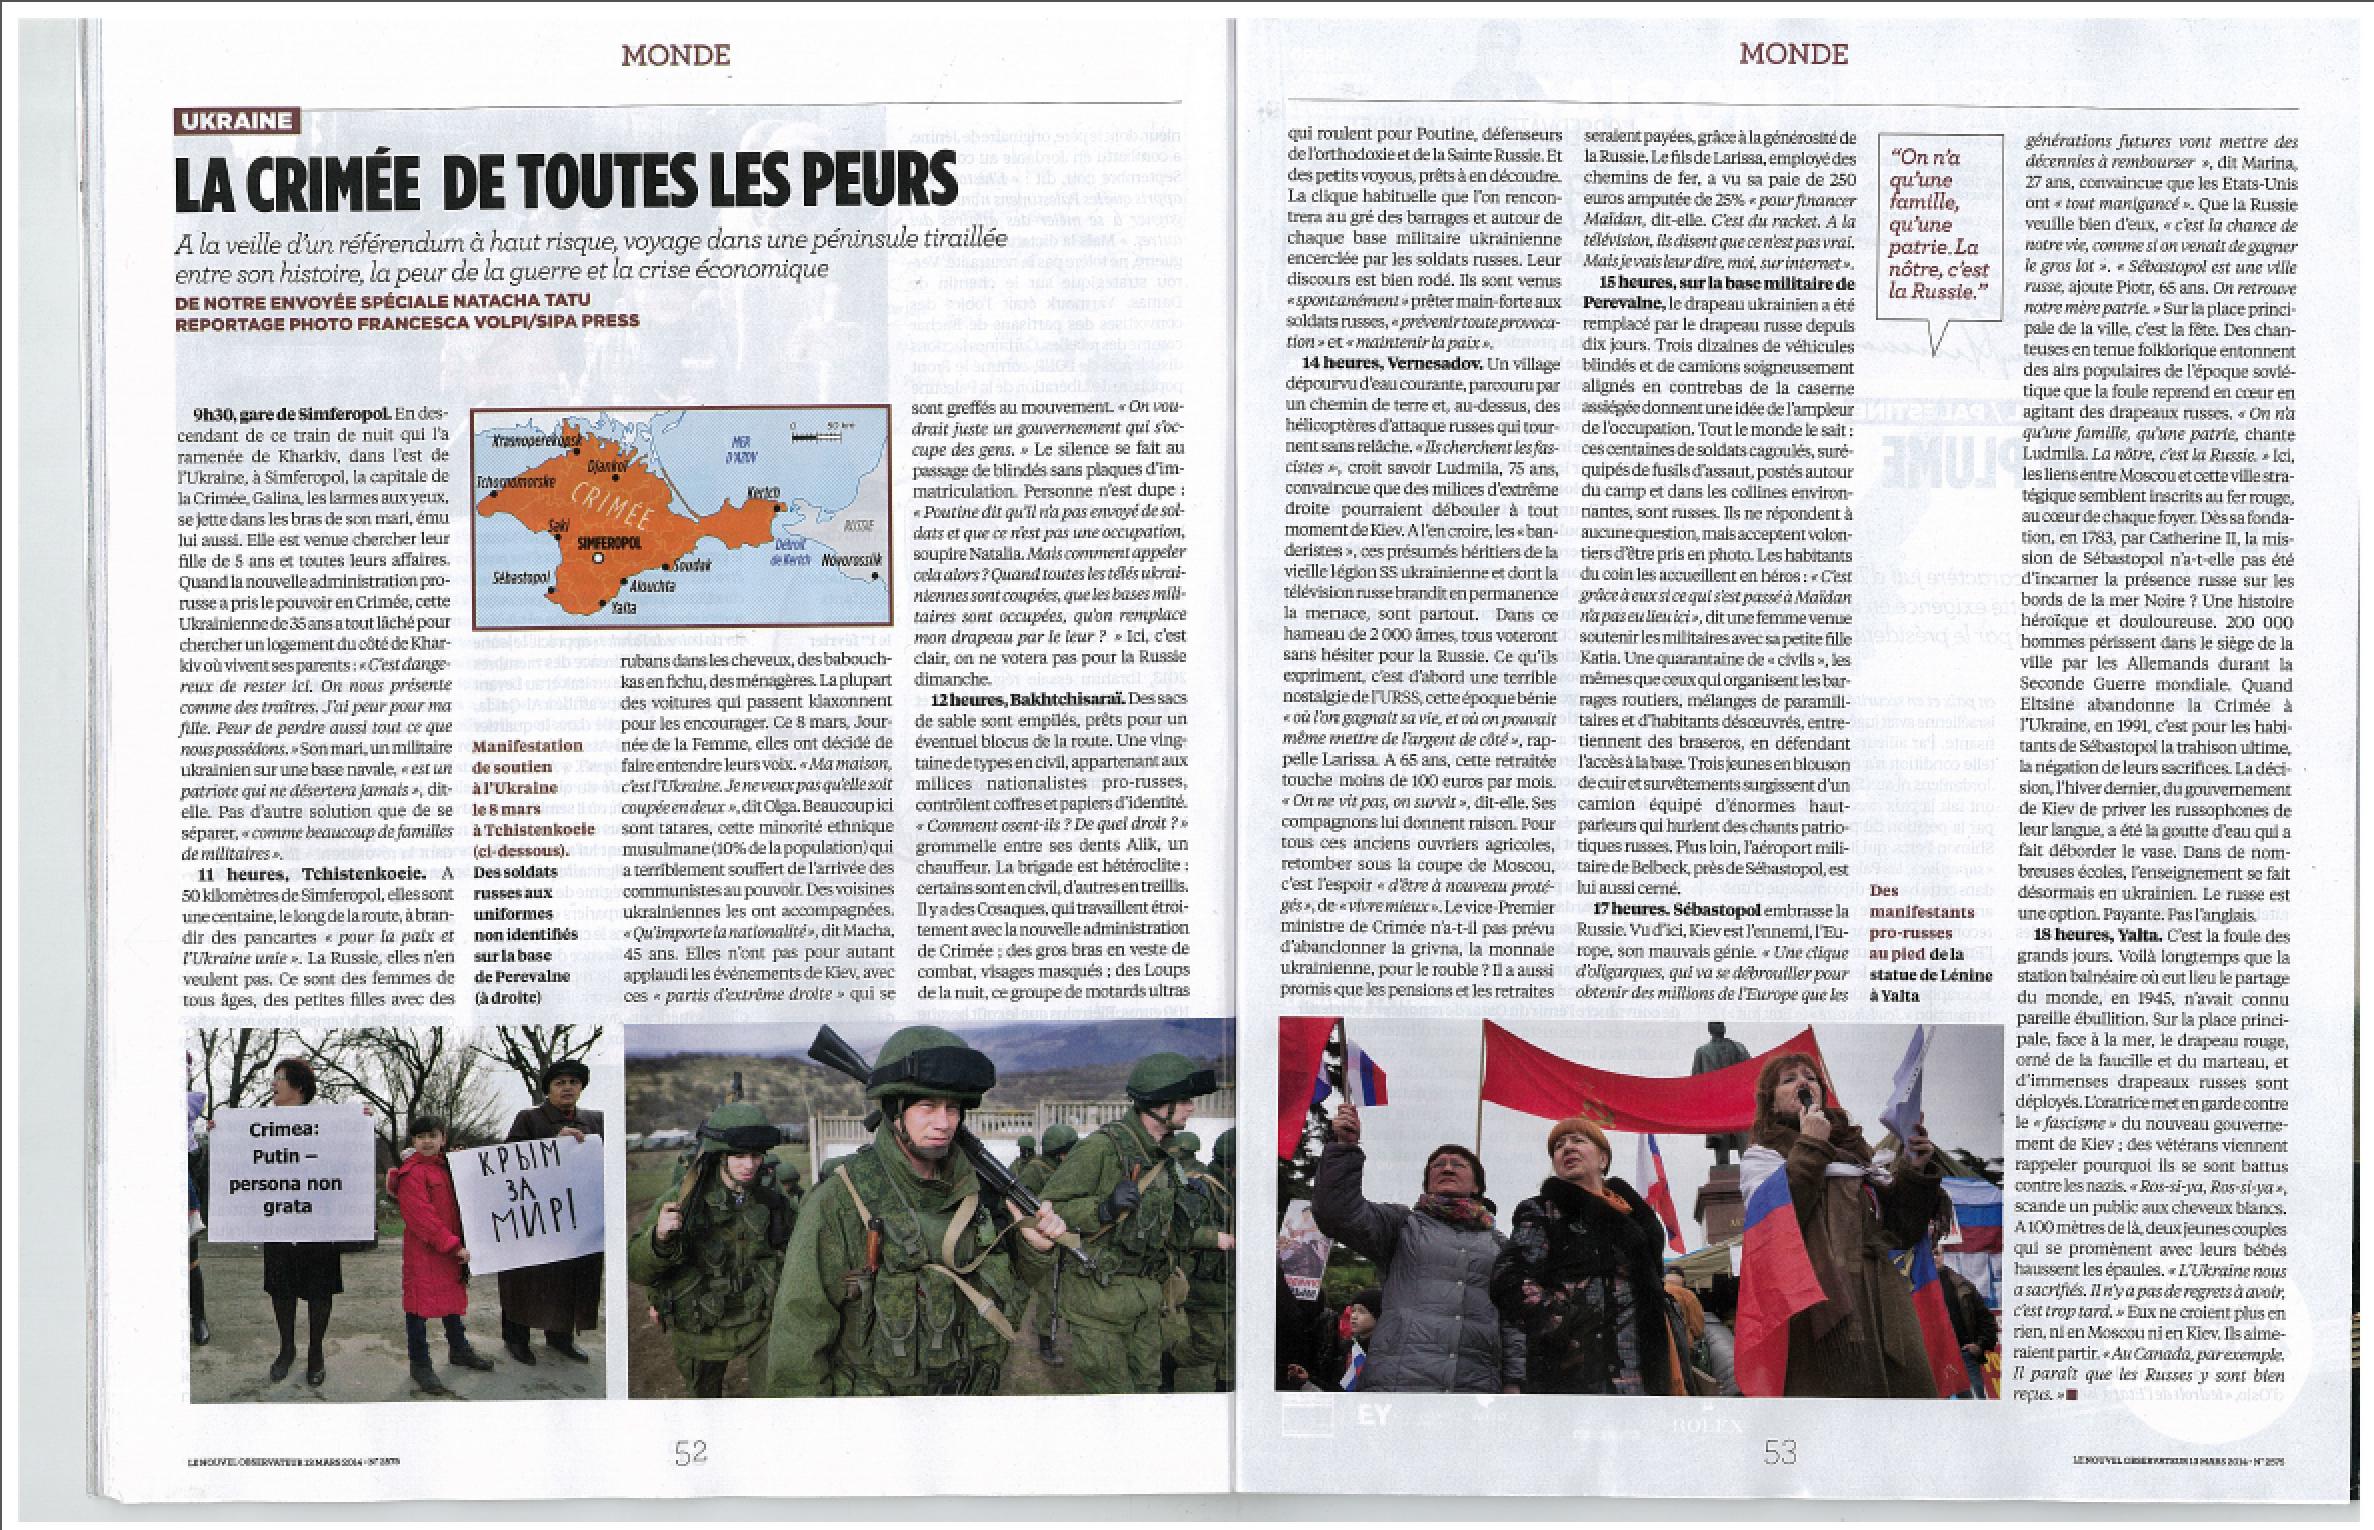 0042_Le Nouvel Observateur _ 13 March 2014 .png